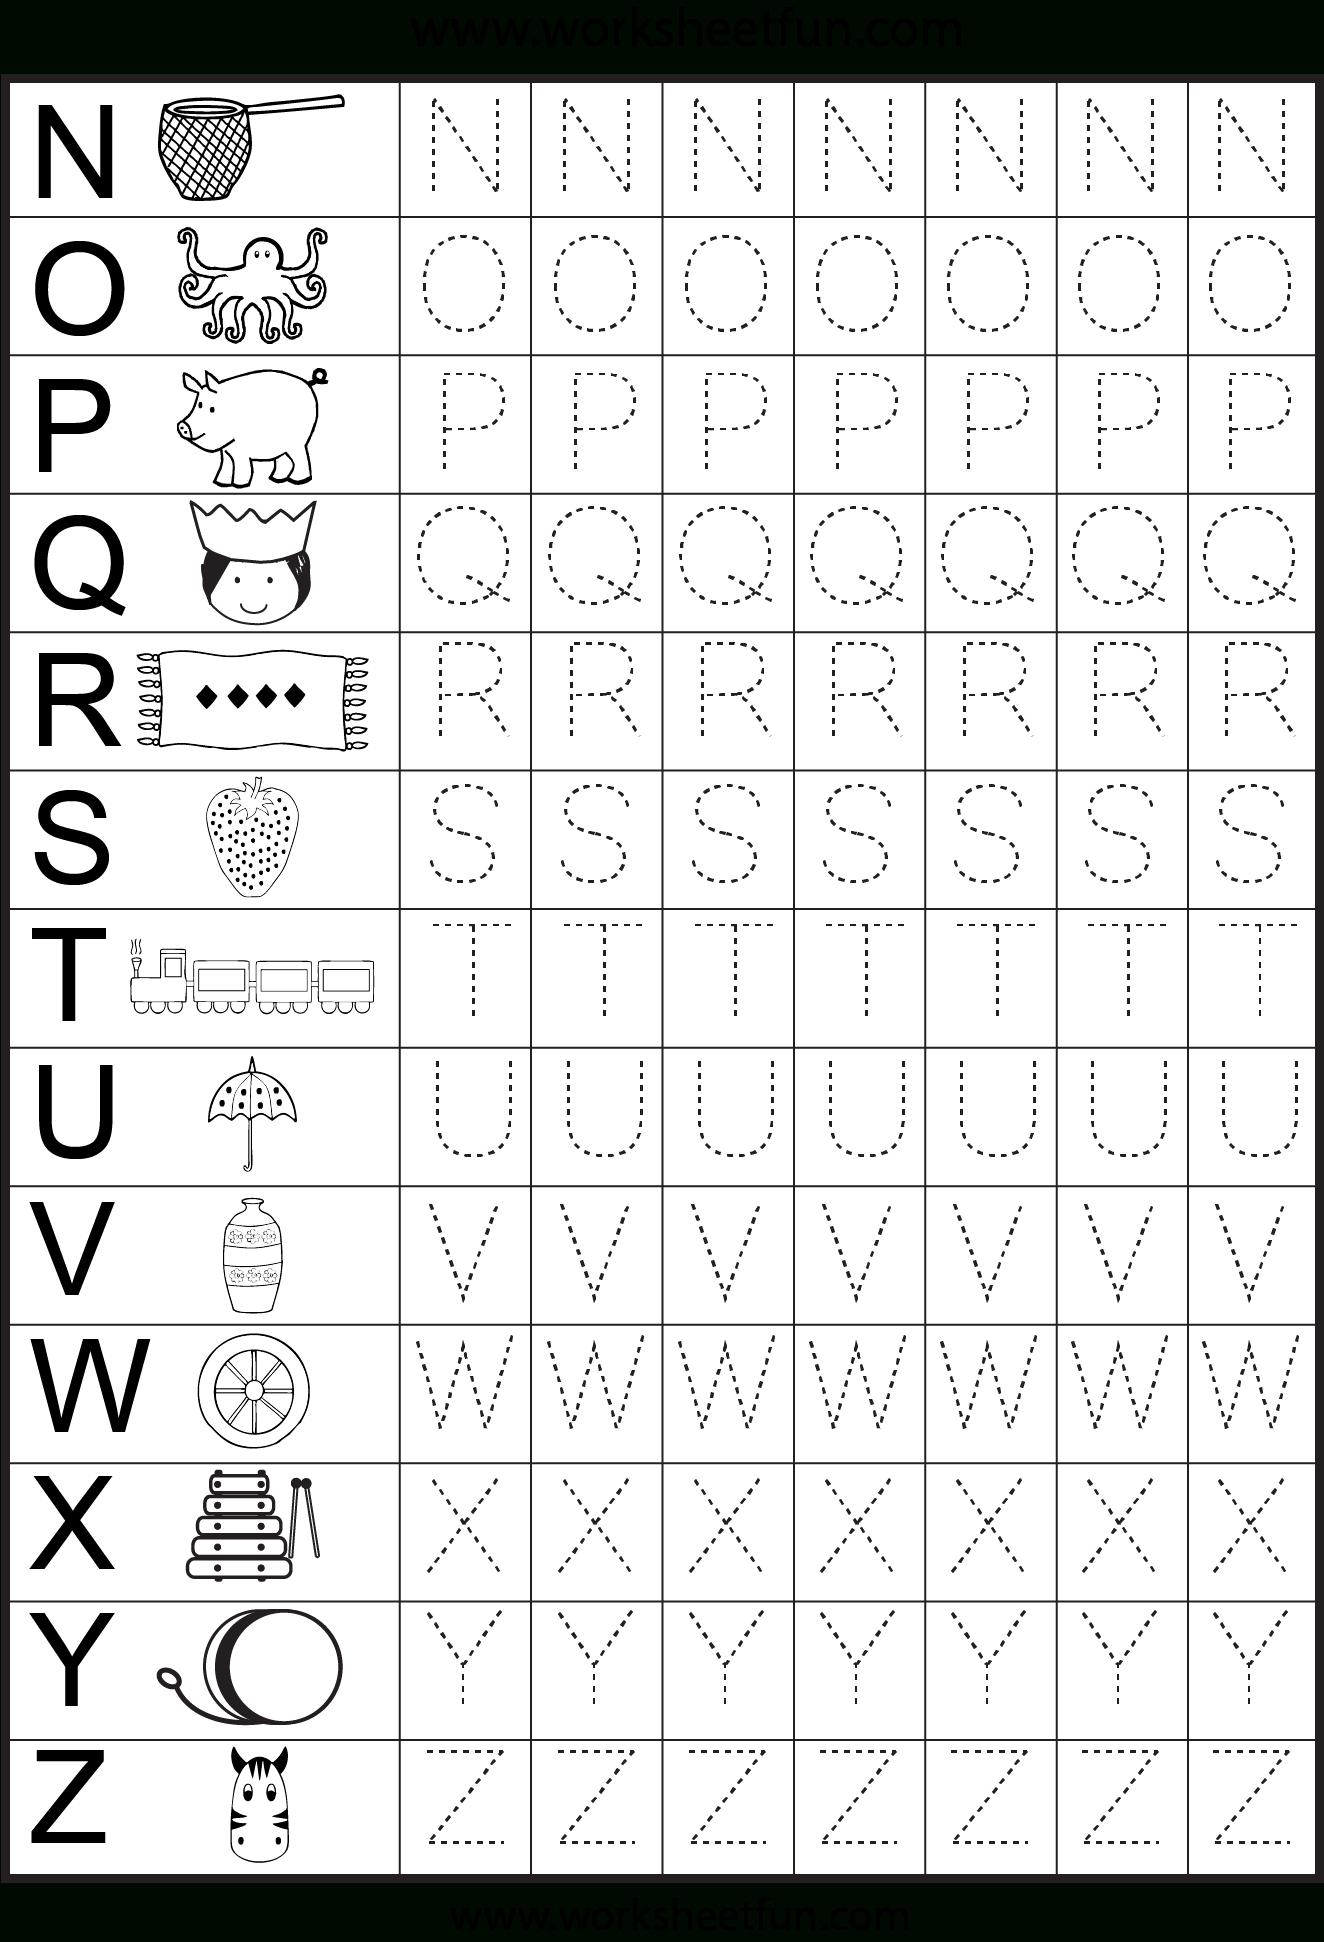 Worksheets For Kindergarten – Alphabet Tracing   Alphabet with regard to Alphabet Tracing Sheets For Kindergarten